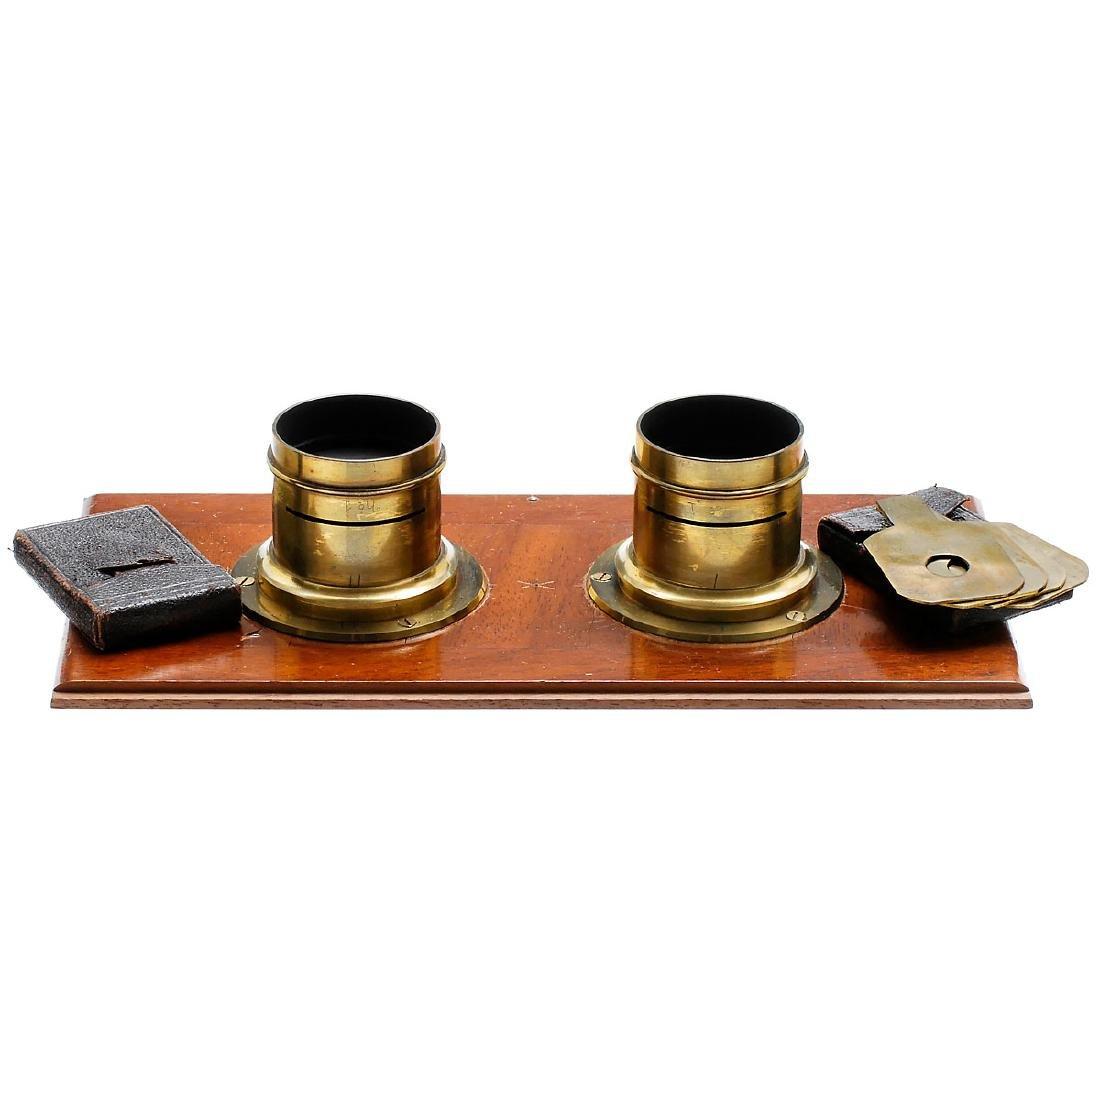 Stereo Lenses on Lens Board, c. 1870–80